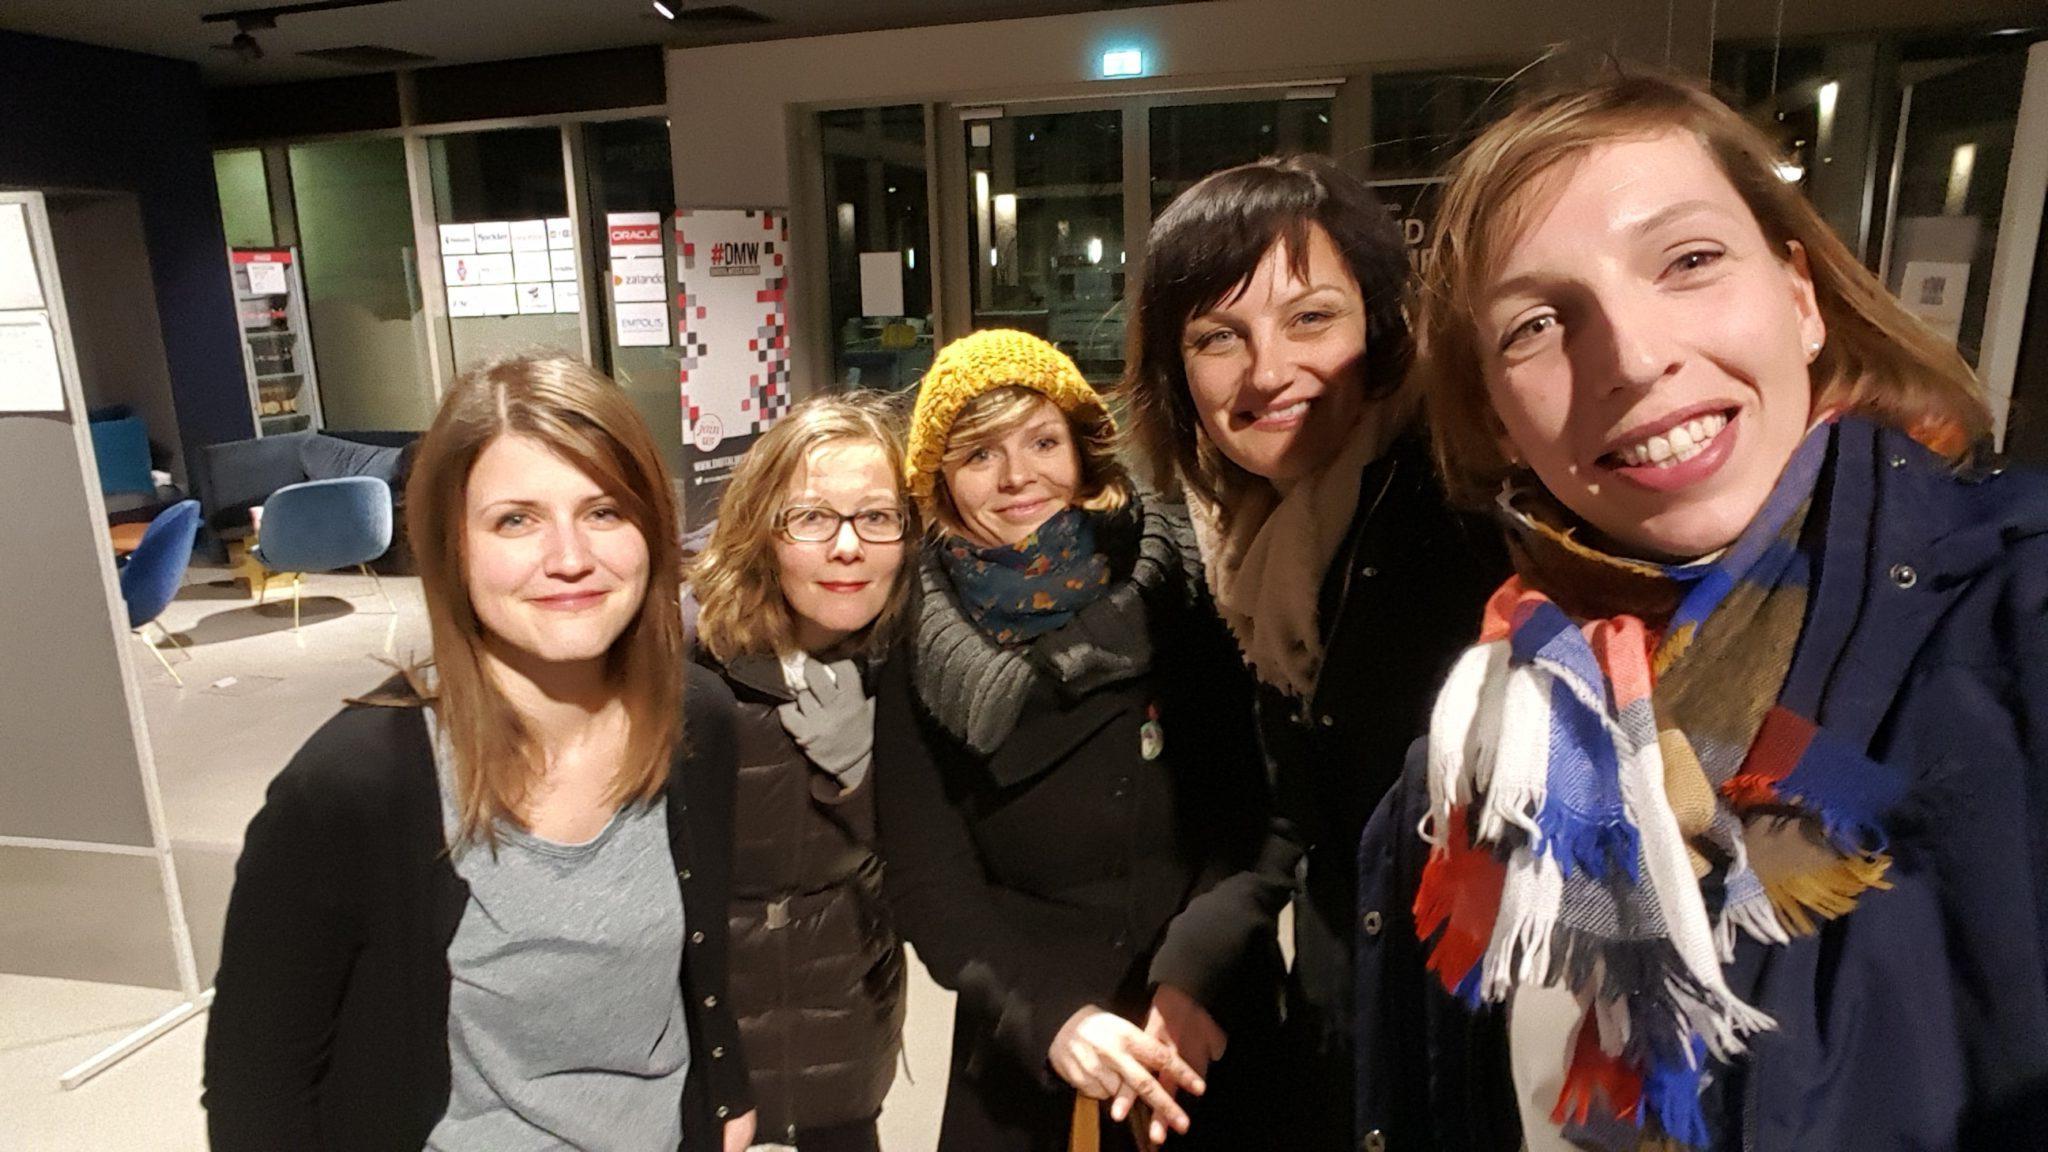 v.l. unsere Gastgeberin Jana Gelsok von Zalando, Christine Plass, Claire Zeidler, Sabine Kahlenberg, Bettina Thies